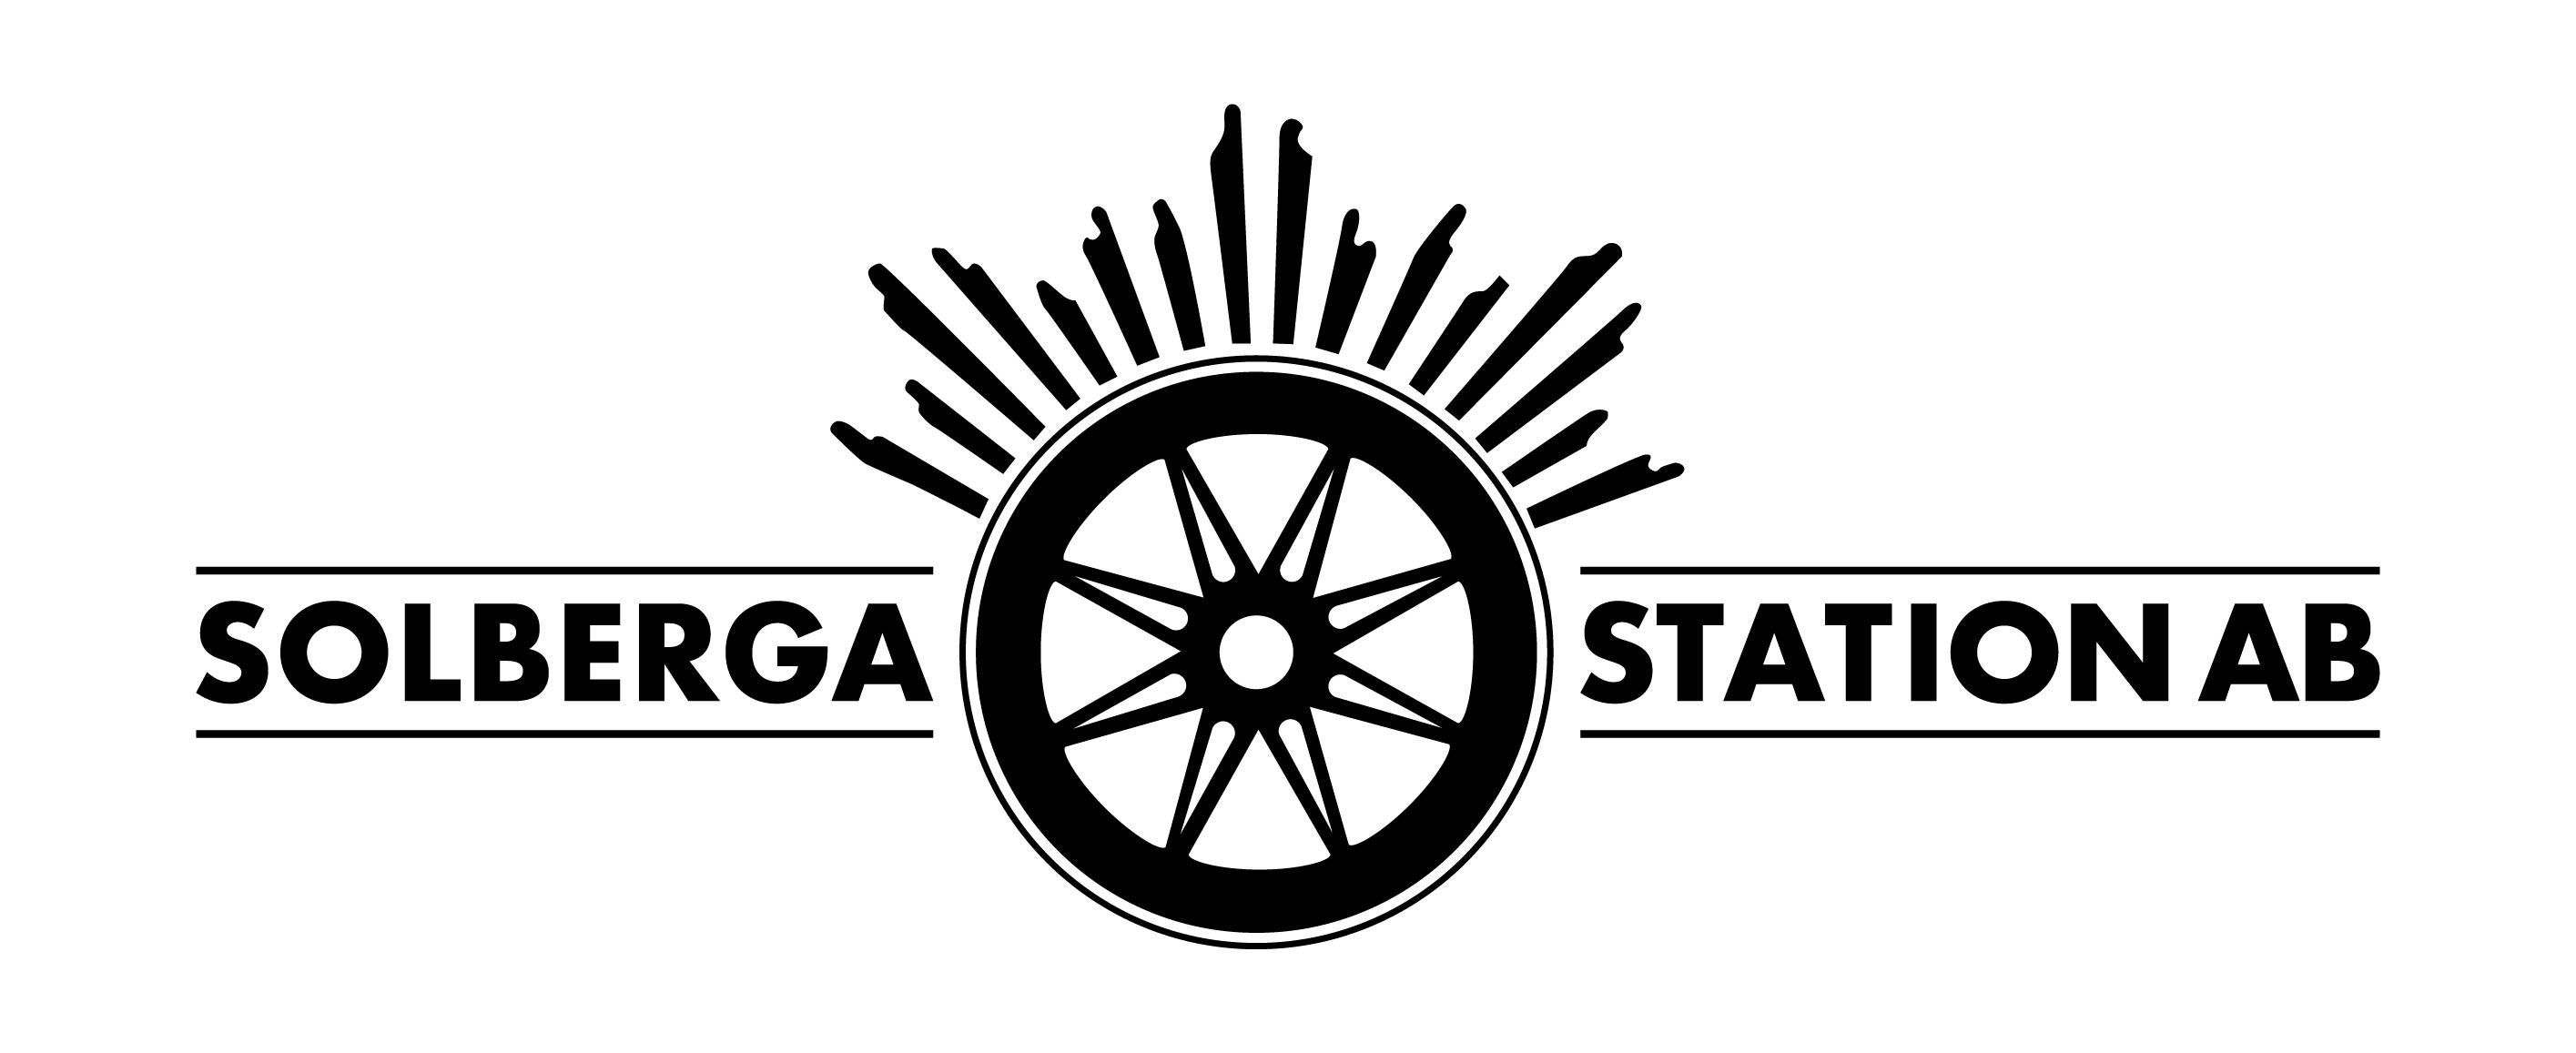 Solberga station Logotyp